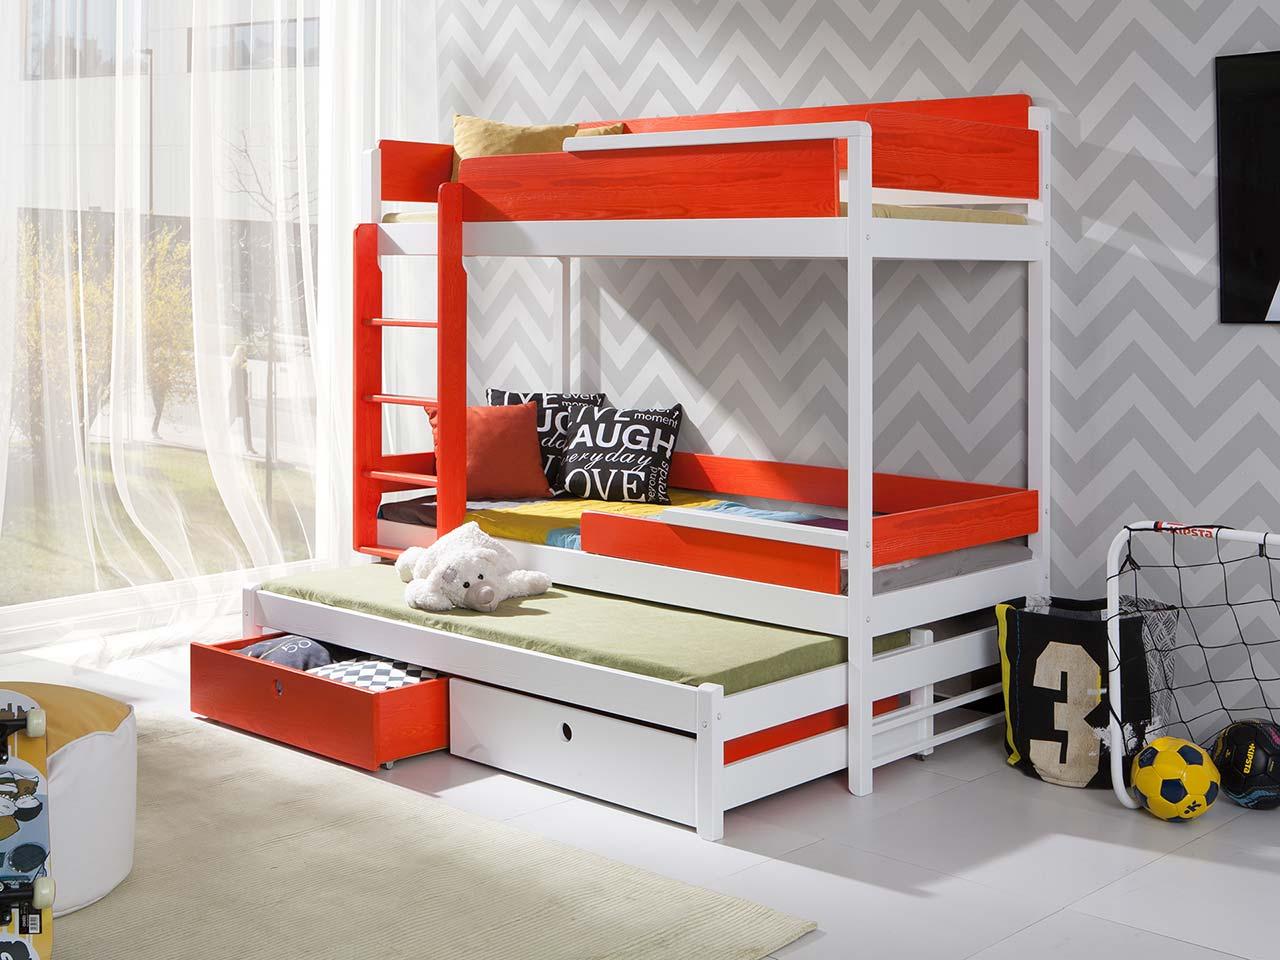 łóżko Piętrowe 3 Osobowe Z Materacami Natu Iii Do Pokoju